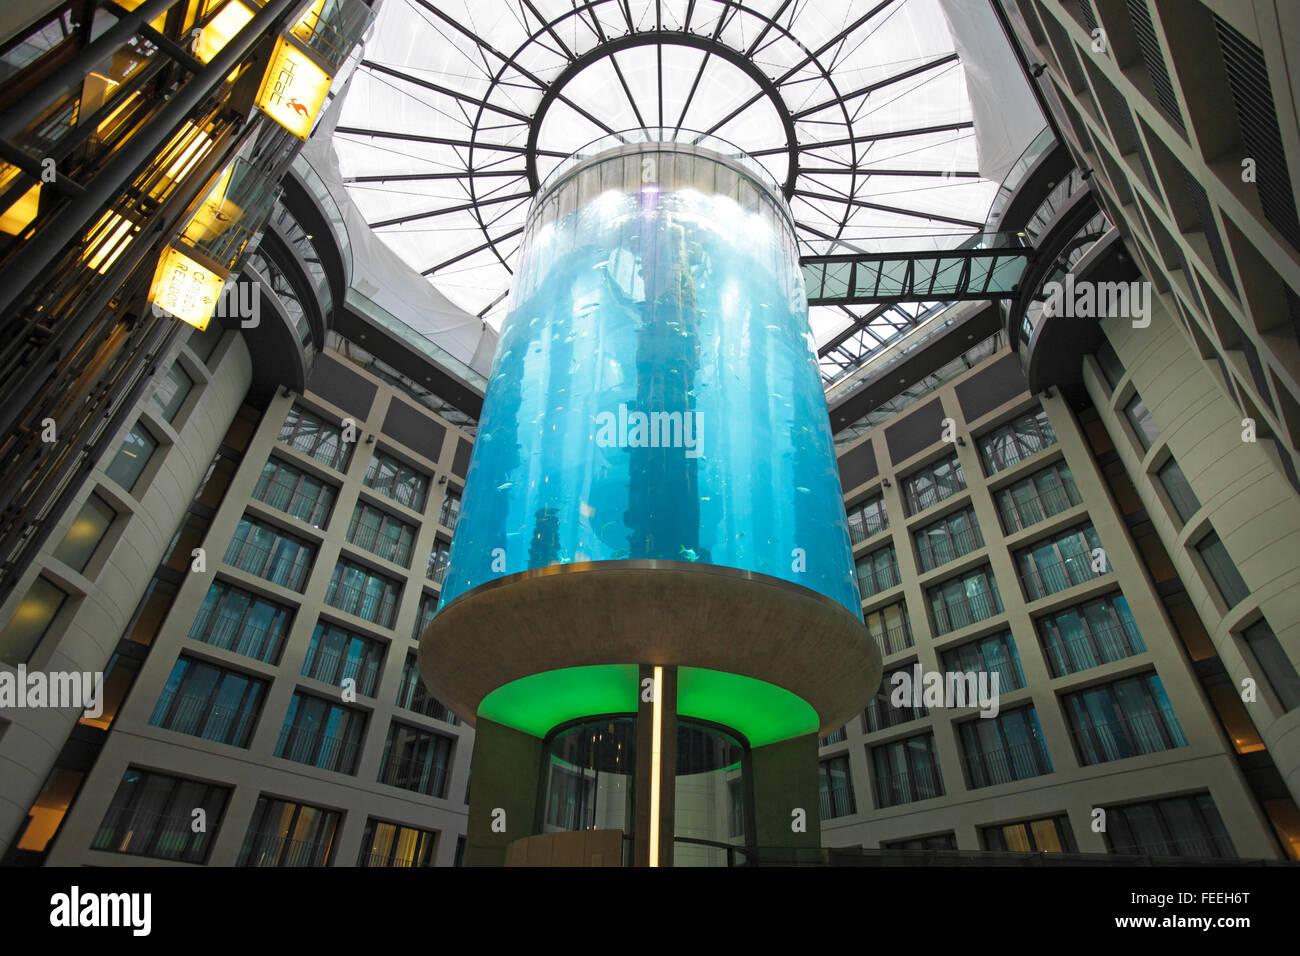 La AquaDom presso Radisson Blu Hotel, Berlin, Germania Immagini Stock